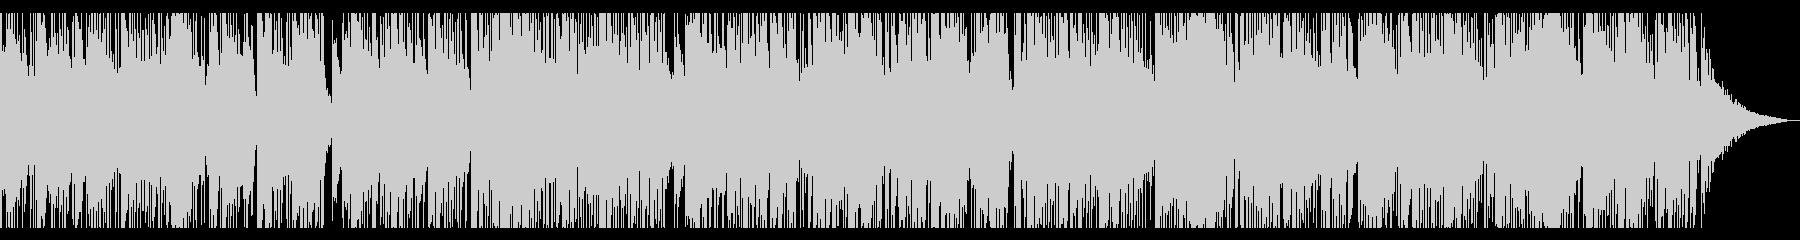 夏らしいボサノバ / カフェの未再生の波形